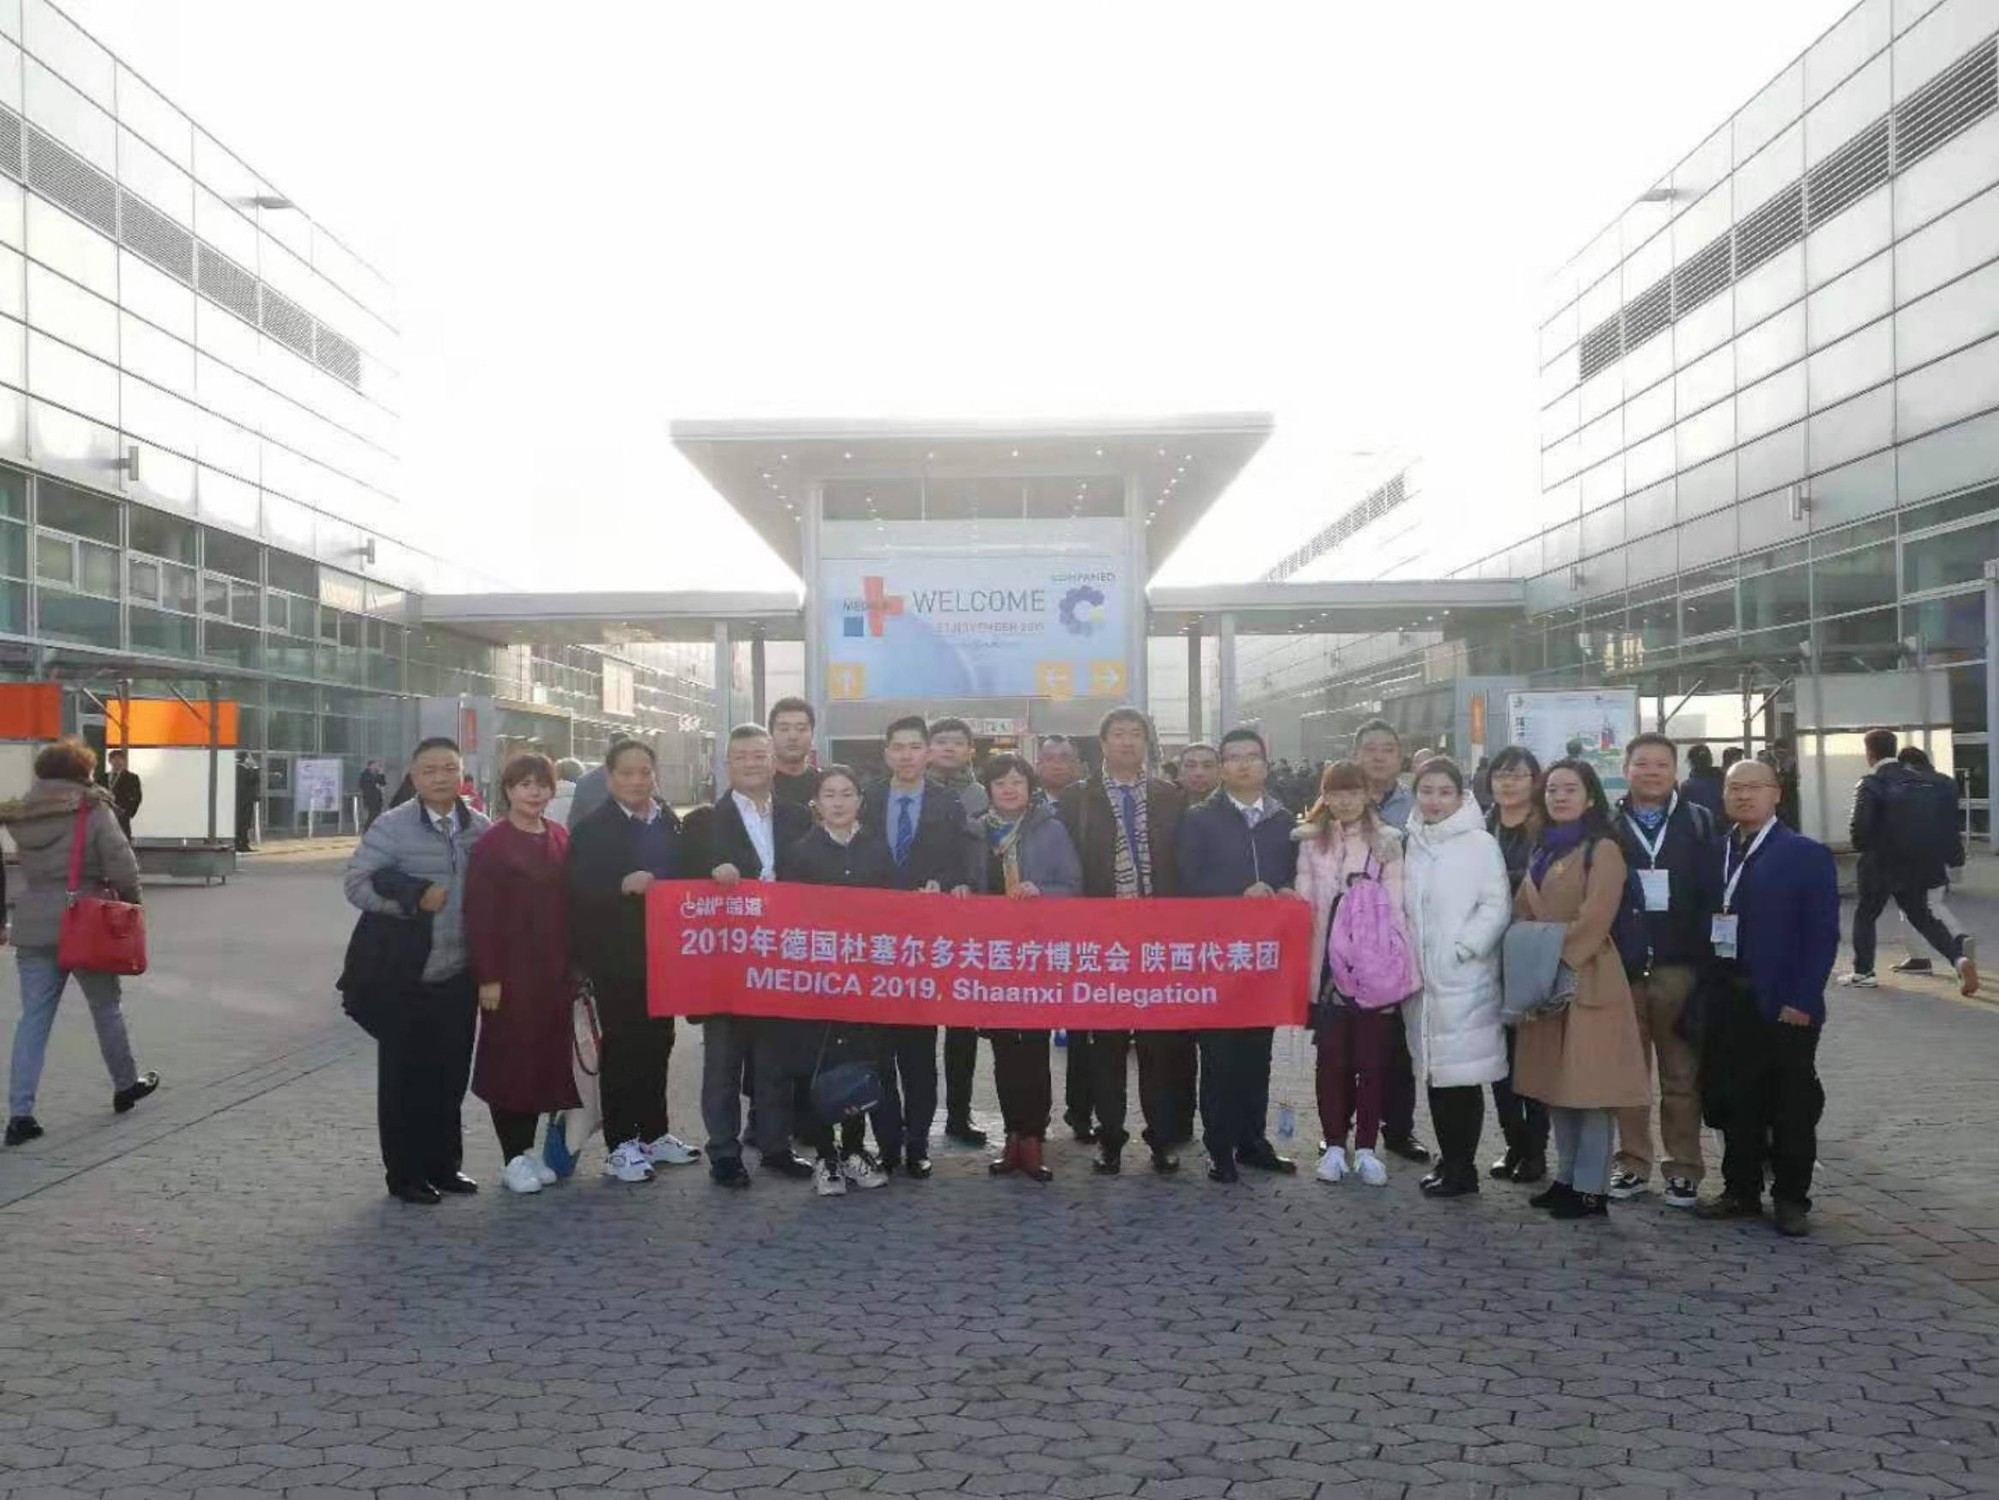 Medica 2019 in Dusseldorf